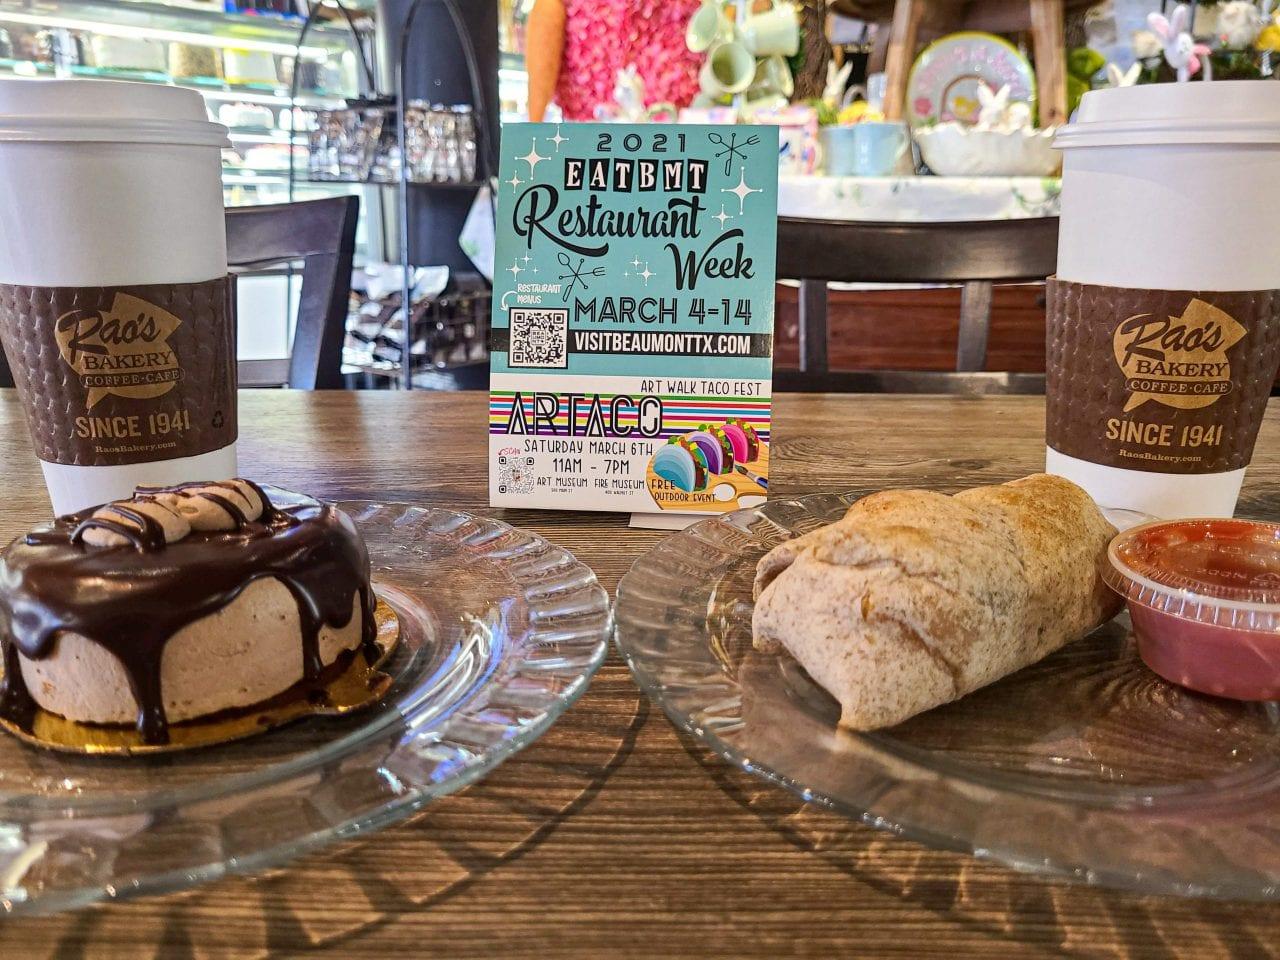 Breakfast at Rao's Bakery